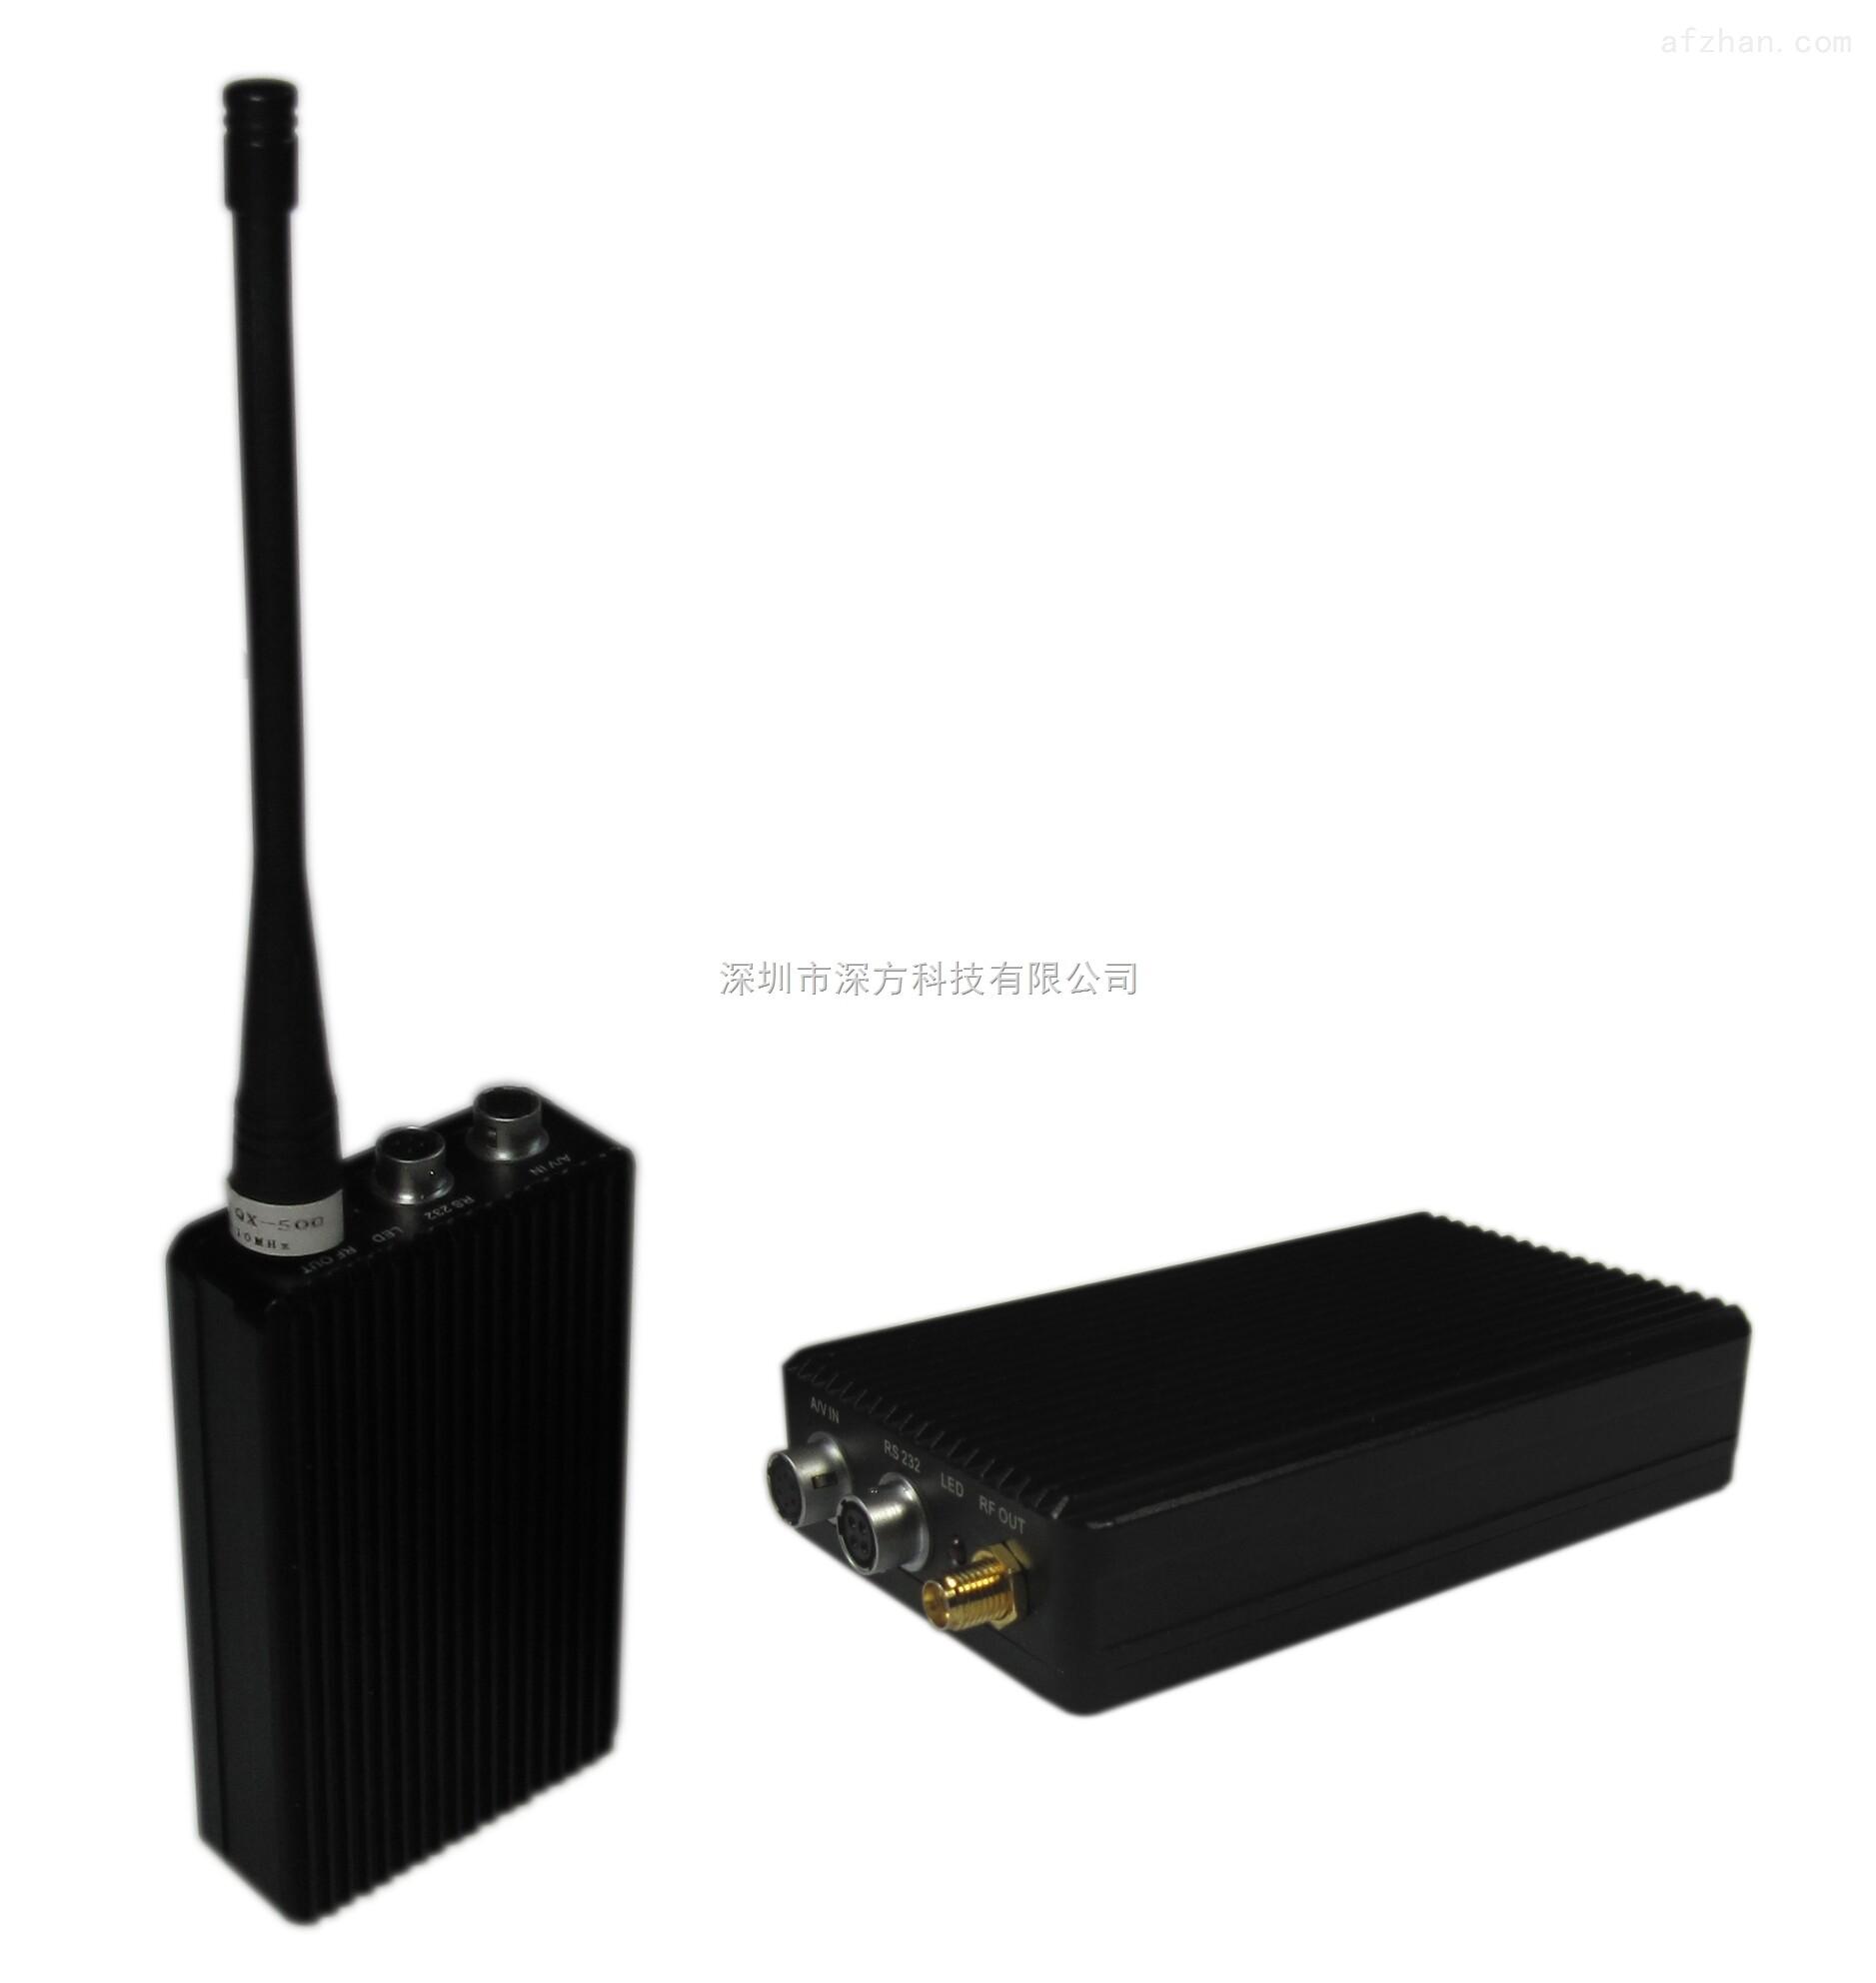 密拍型无线发射器